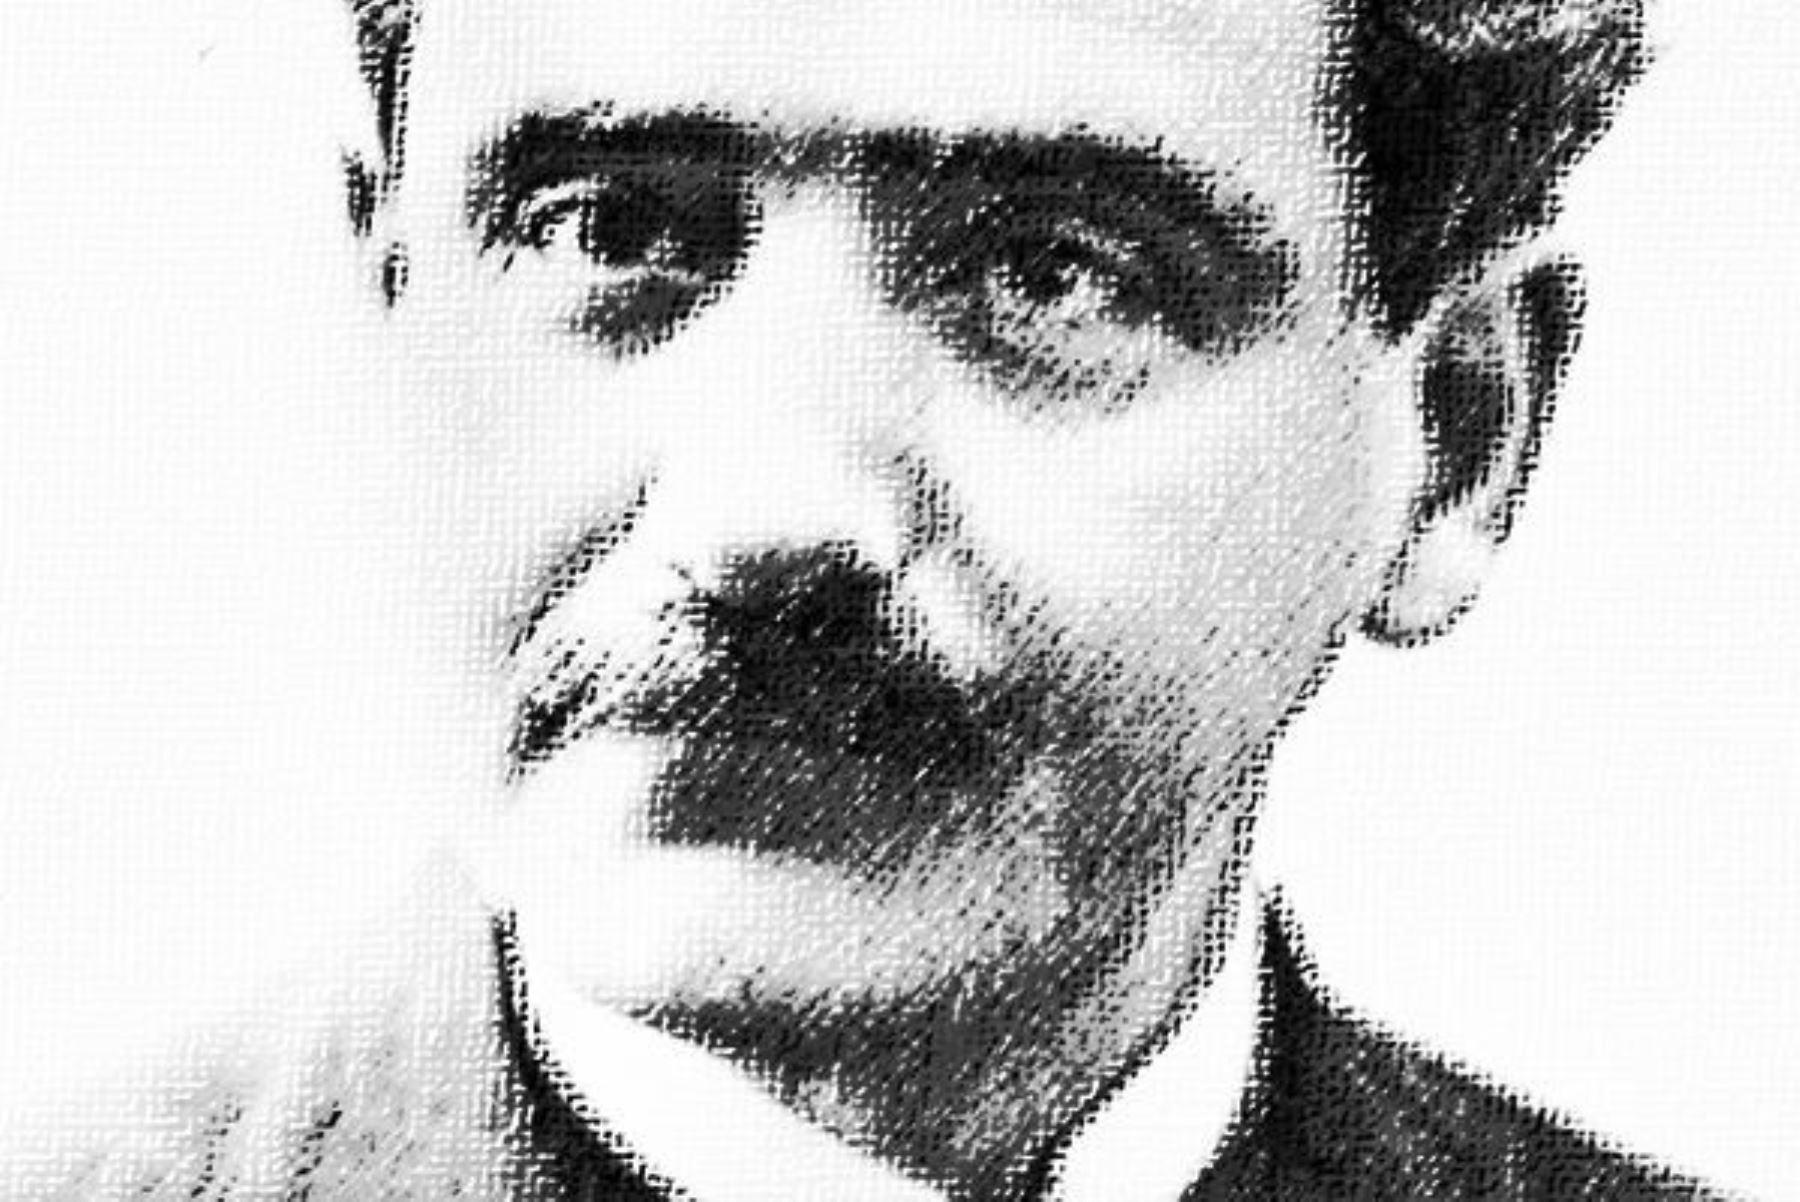 José María Eguren Foto: Diario El Peruano